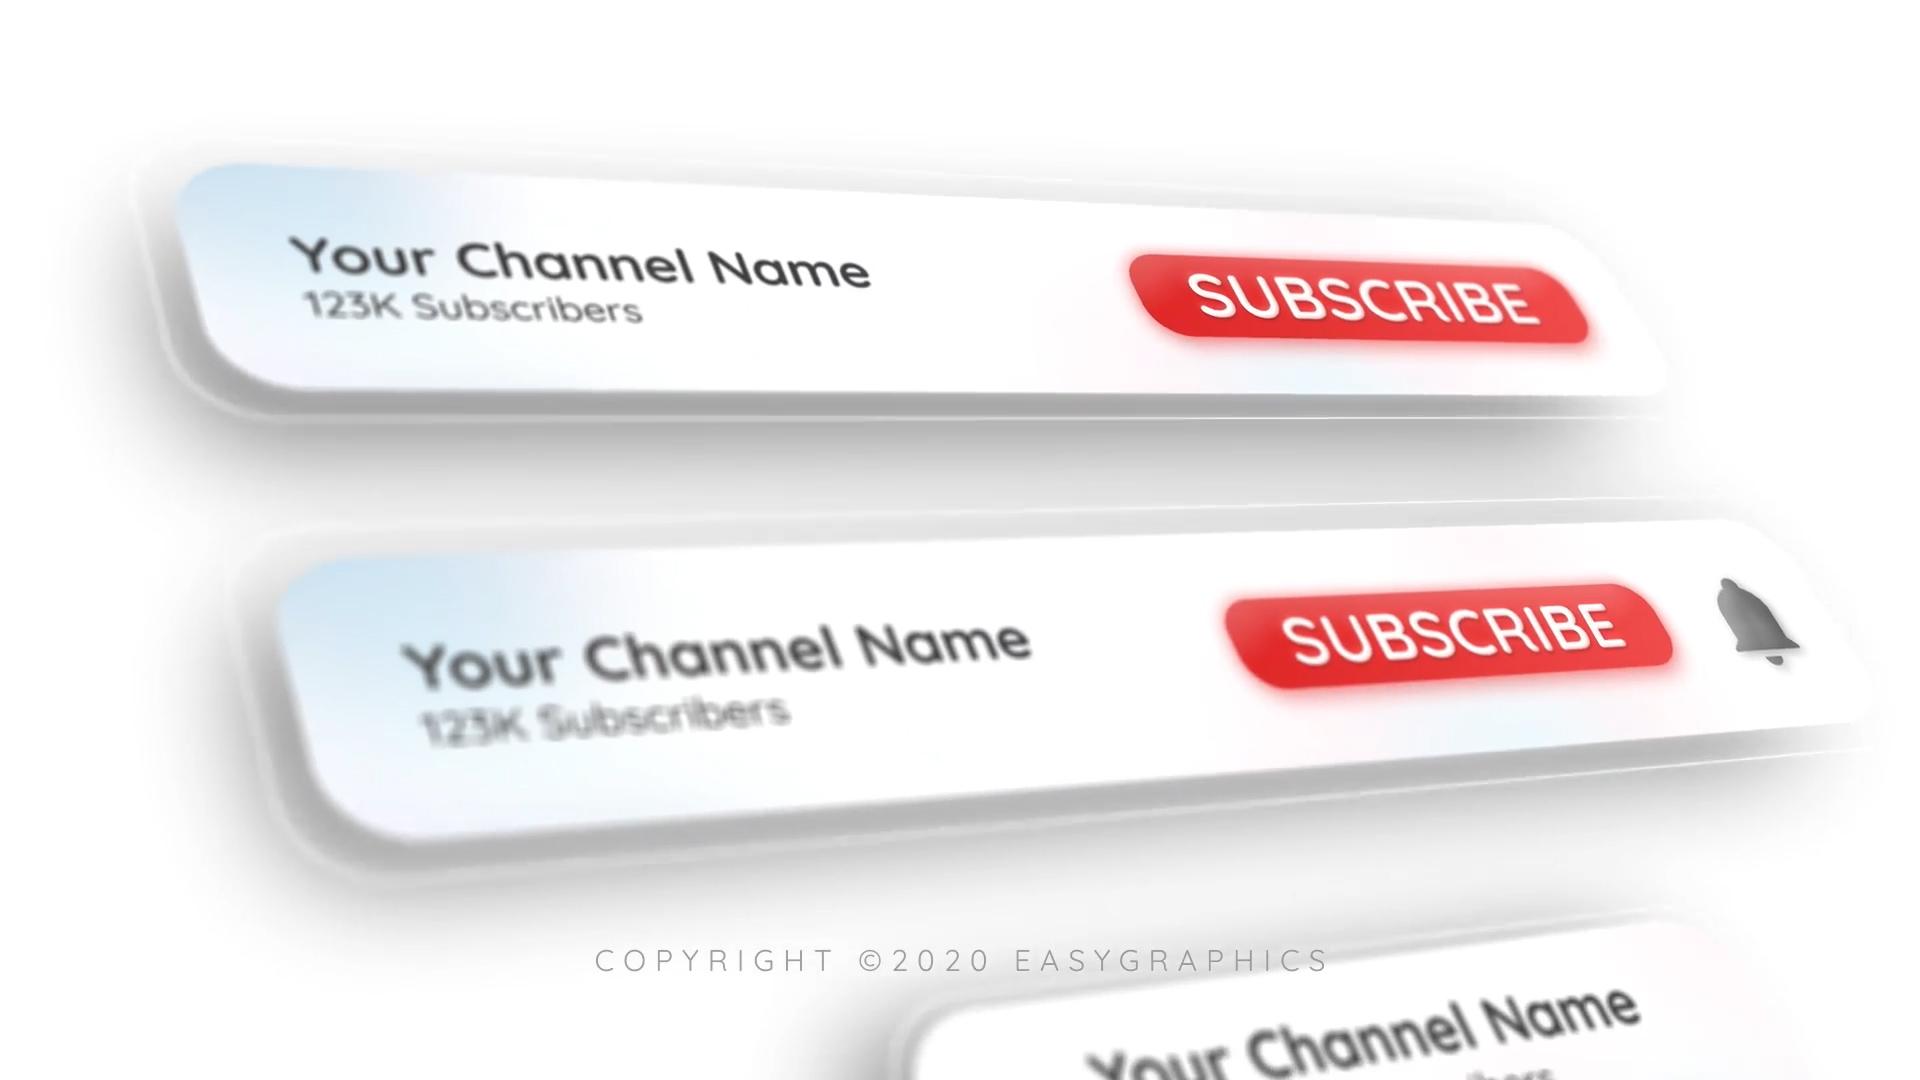 PR模板免费下载 时尚的Youtube订阅按钮提示动画PR模板包